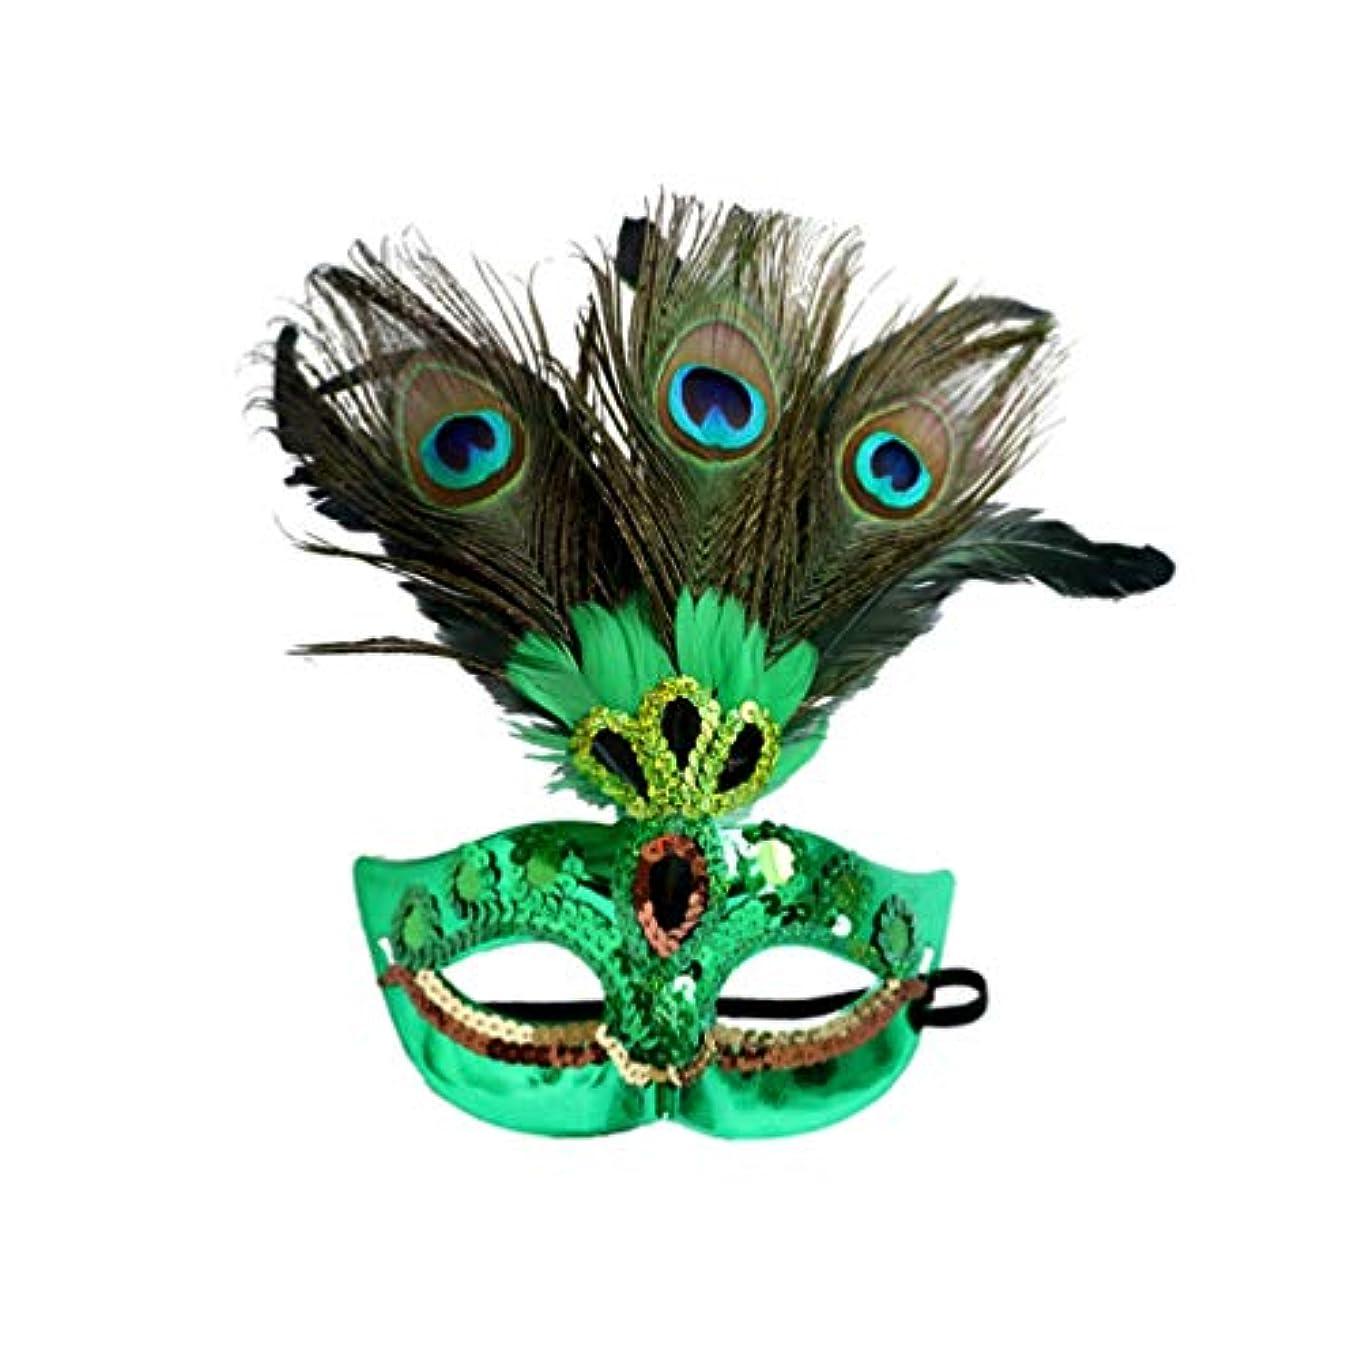 評決間欠鳴らすAmosfun 1ピースクリエイティブ耐久性のあるportativeクリスマスマスク羽プラスチッククジャク用マスカレード大人コスプレクリスマスパーティー